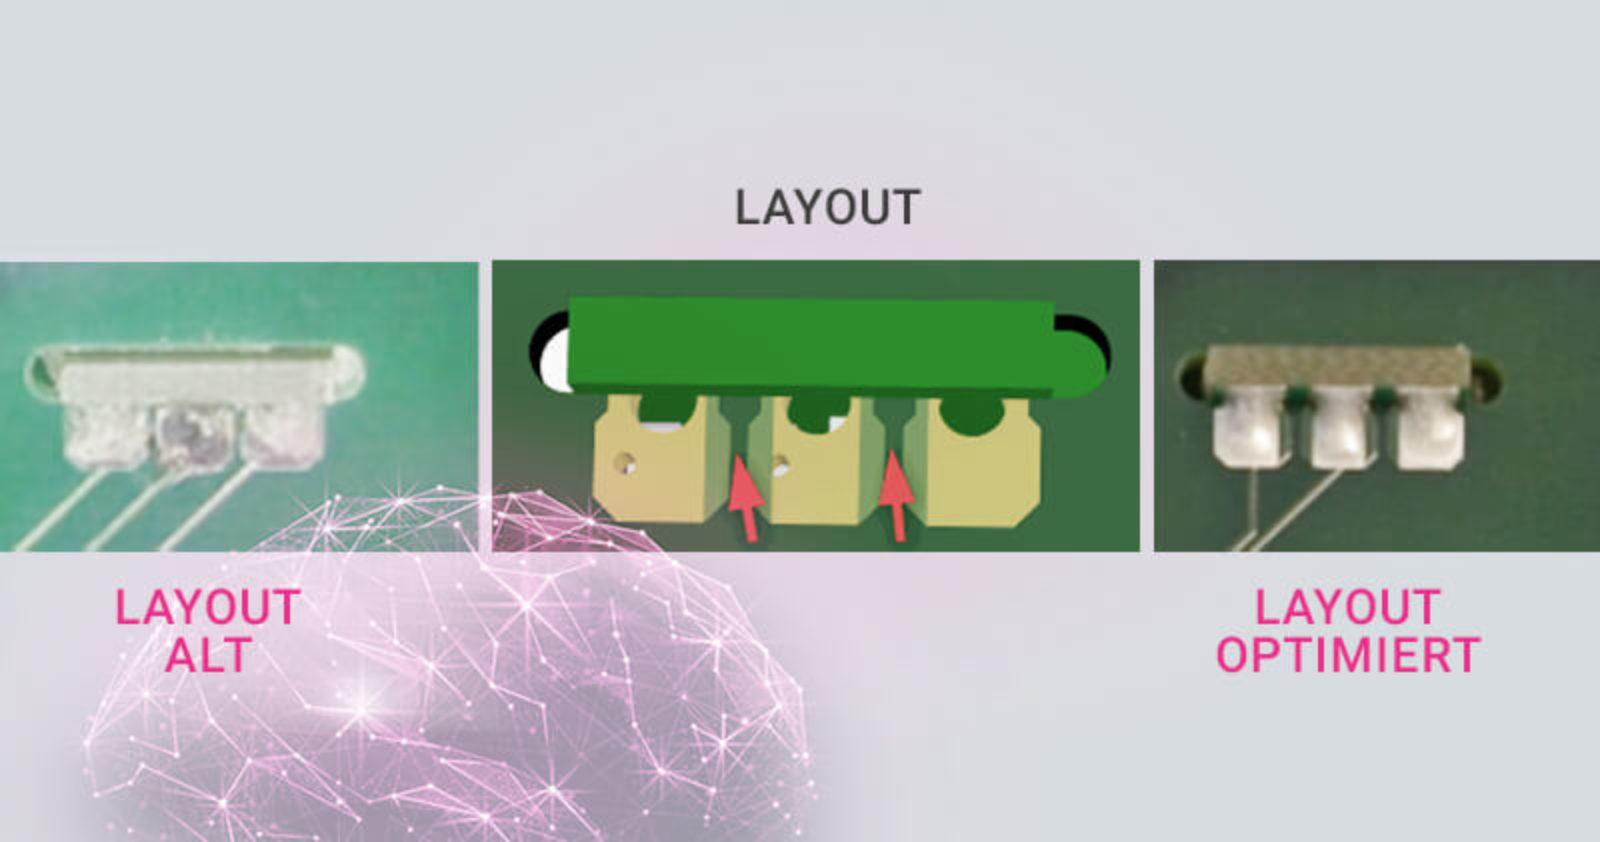 CaseStudy Layoutoptimierung 800x421px